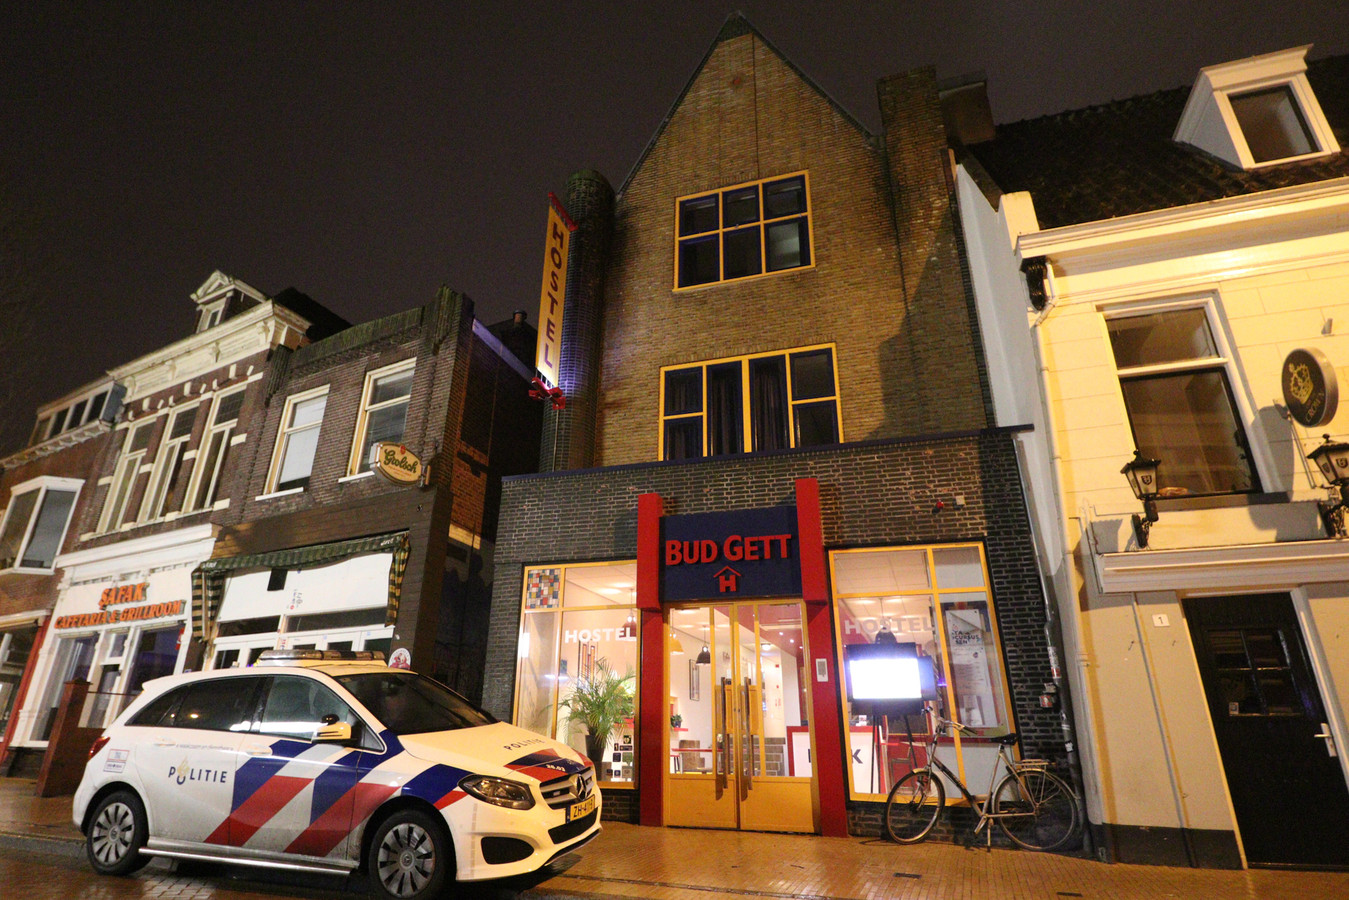 Een hostel in Groningen werd vanmorgen overvallen.